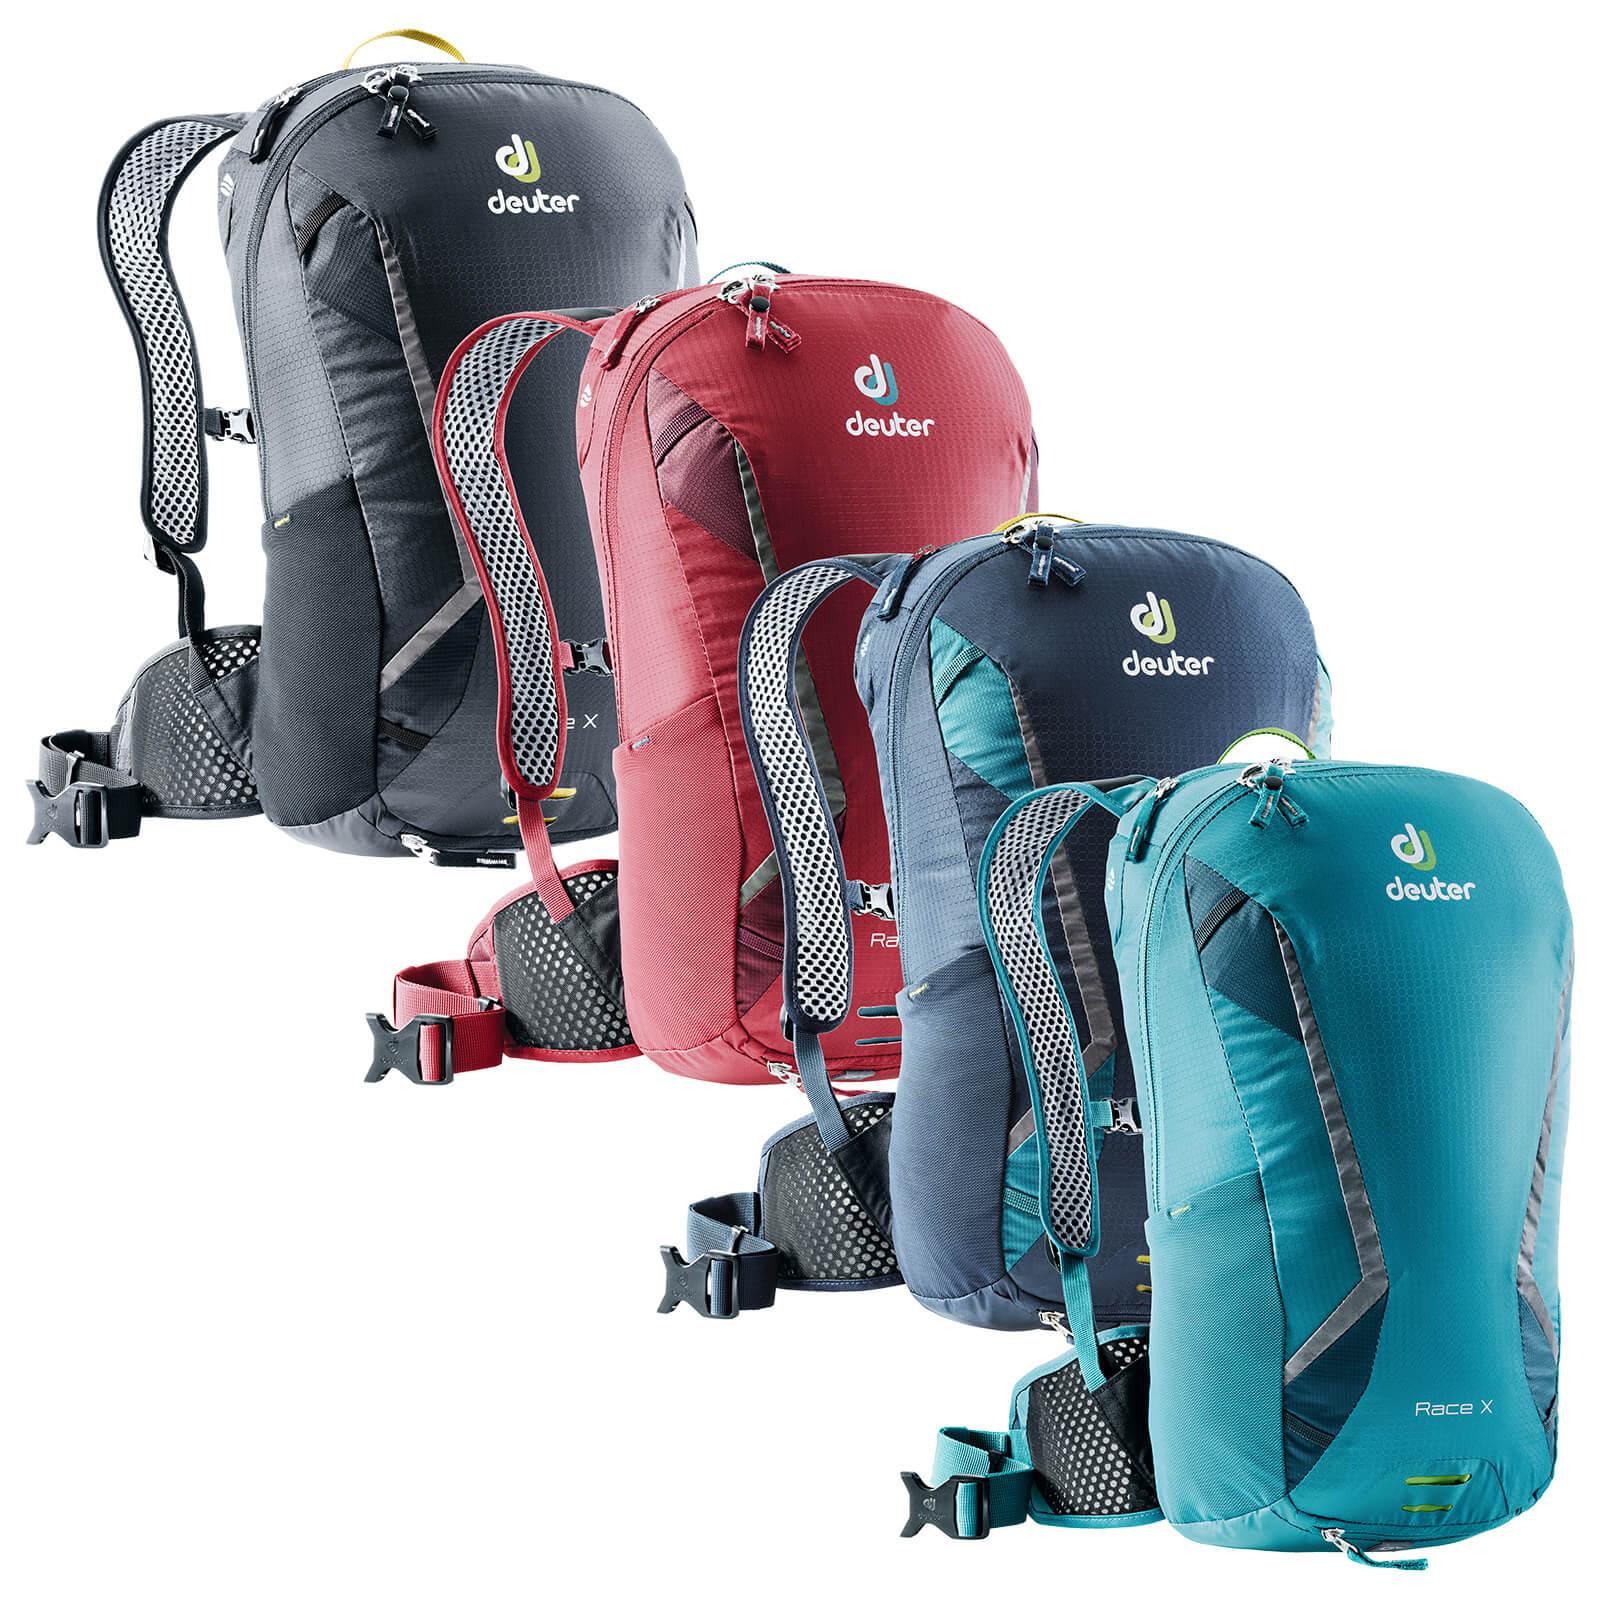 Deuter Race X 12L Backpack